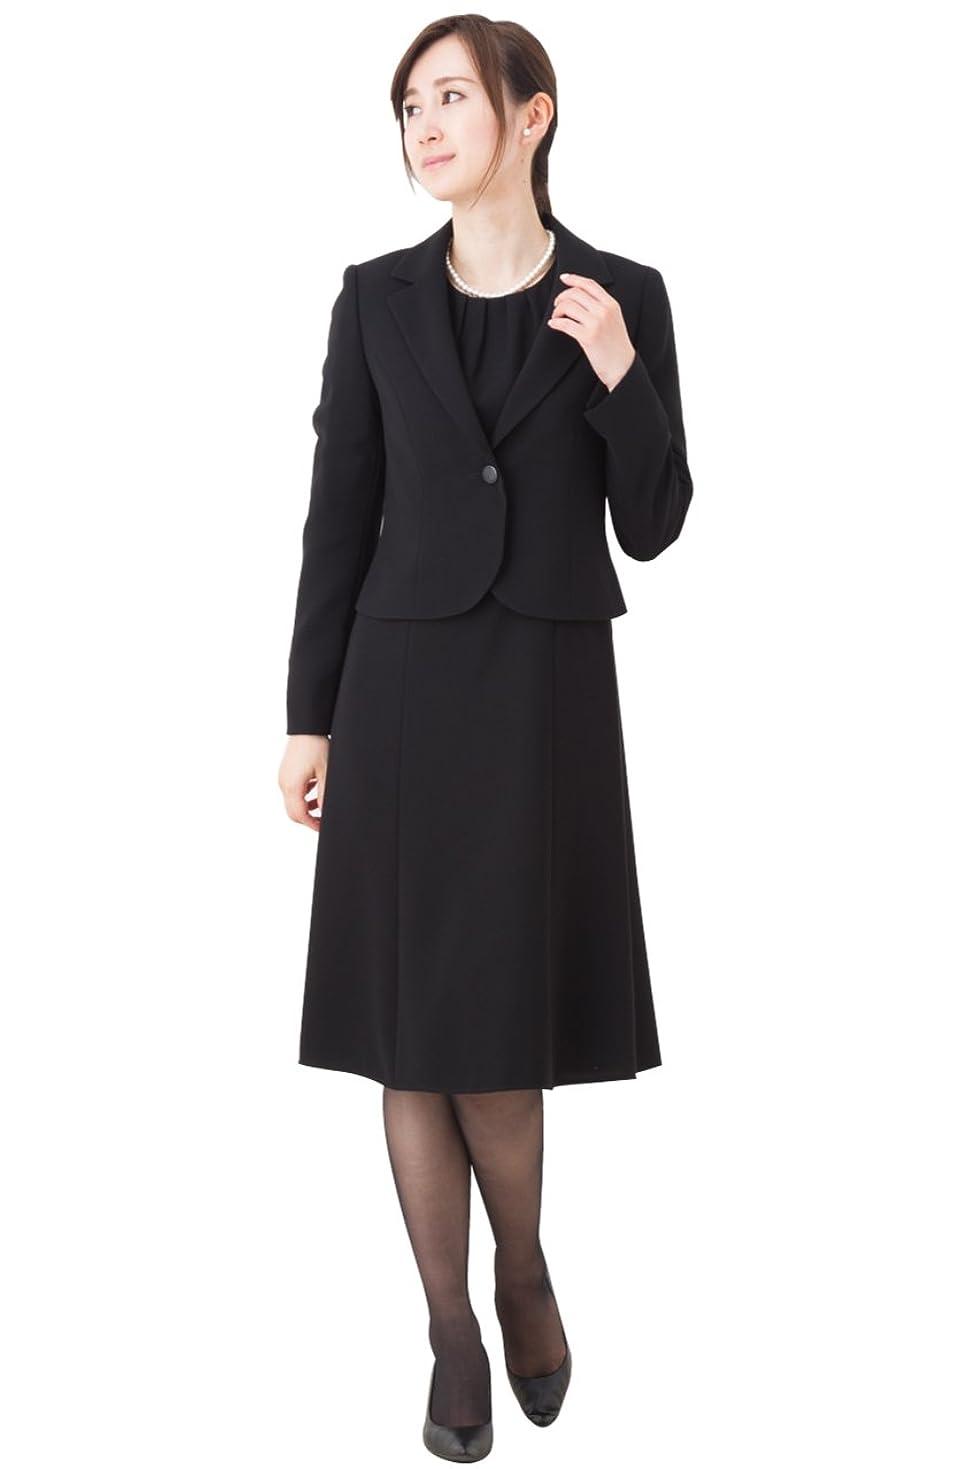 アプローチ転用枯れる(マーガレット)marguerite m463 464 ブラックフォーマル 喪服 礼服 ジャケット共通 2デザインワンピース レディース アンサンブル